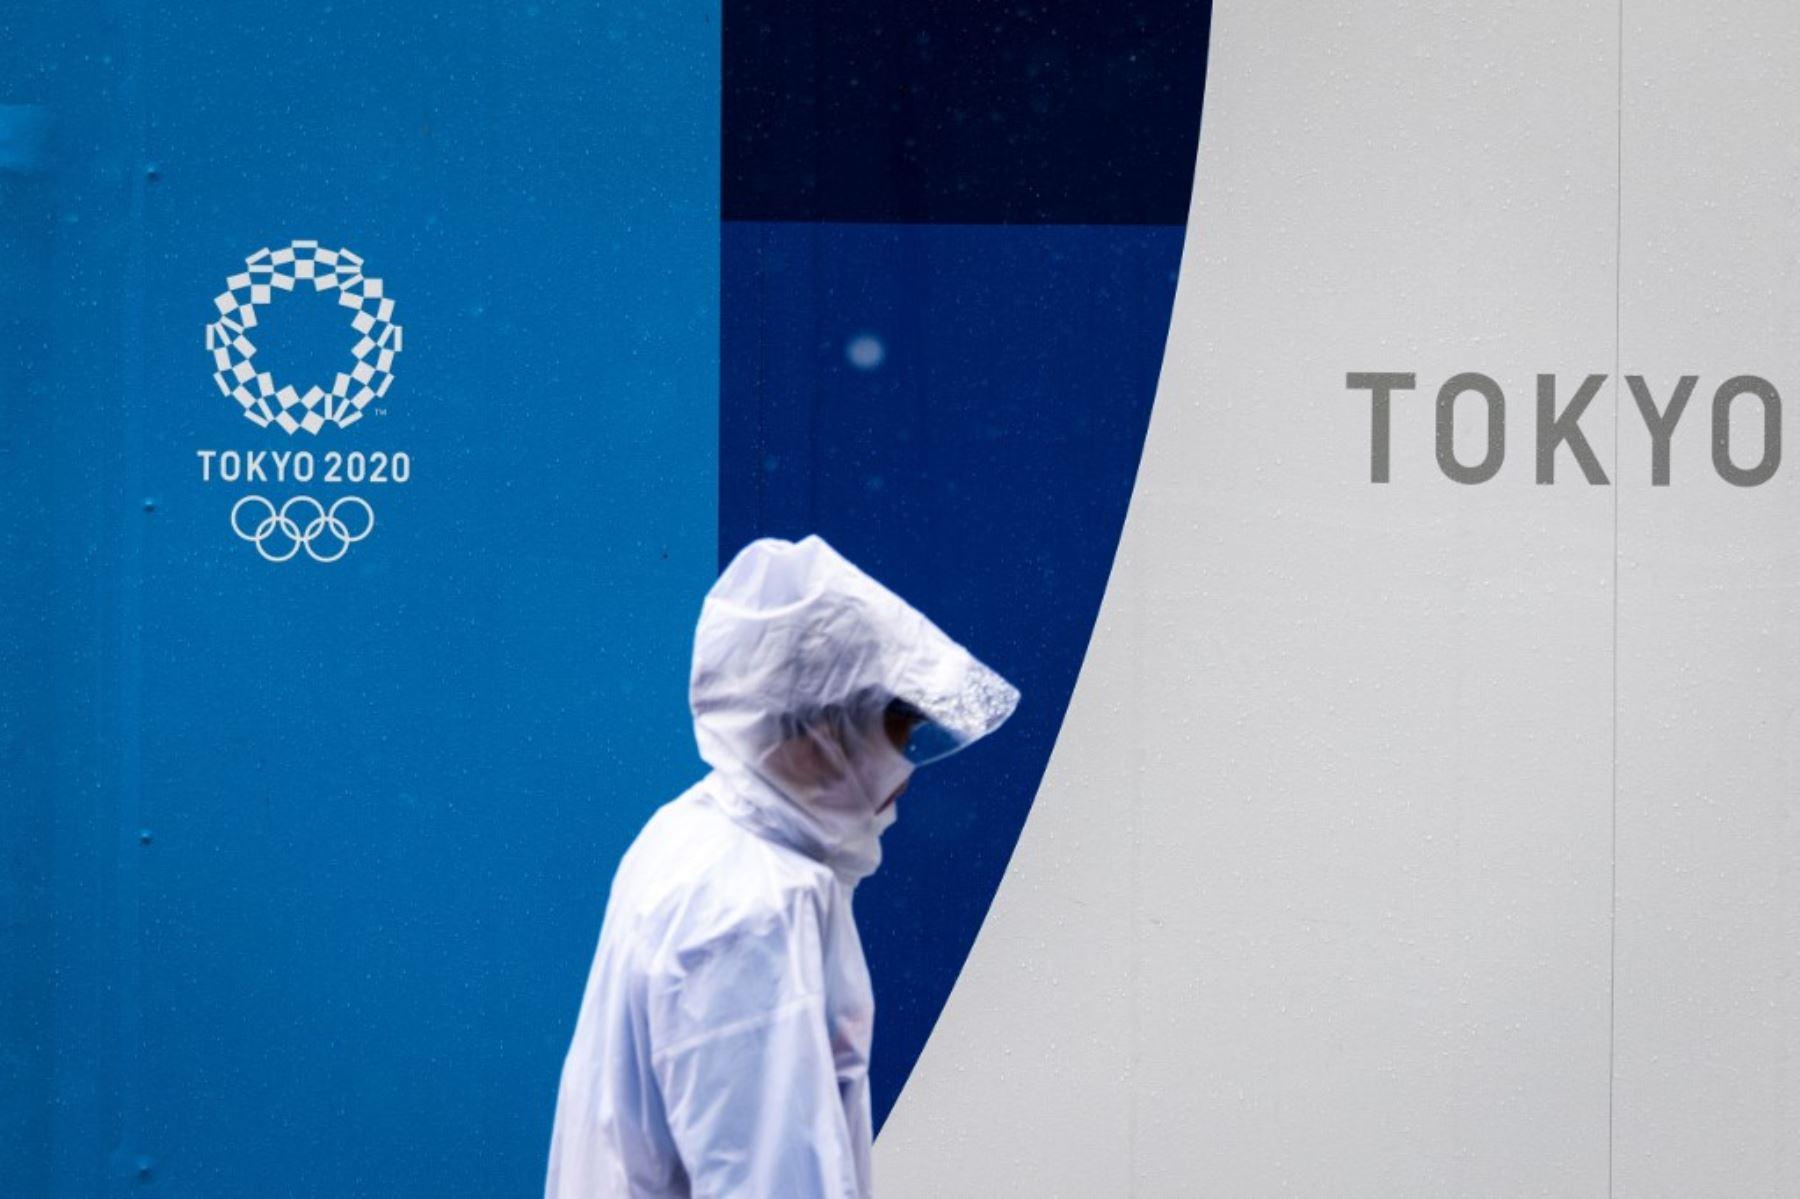 Juegos de Tokio: Estado de emergencia por covid-19 estará en vigor durante torneo